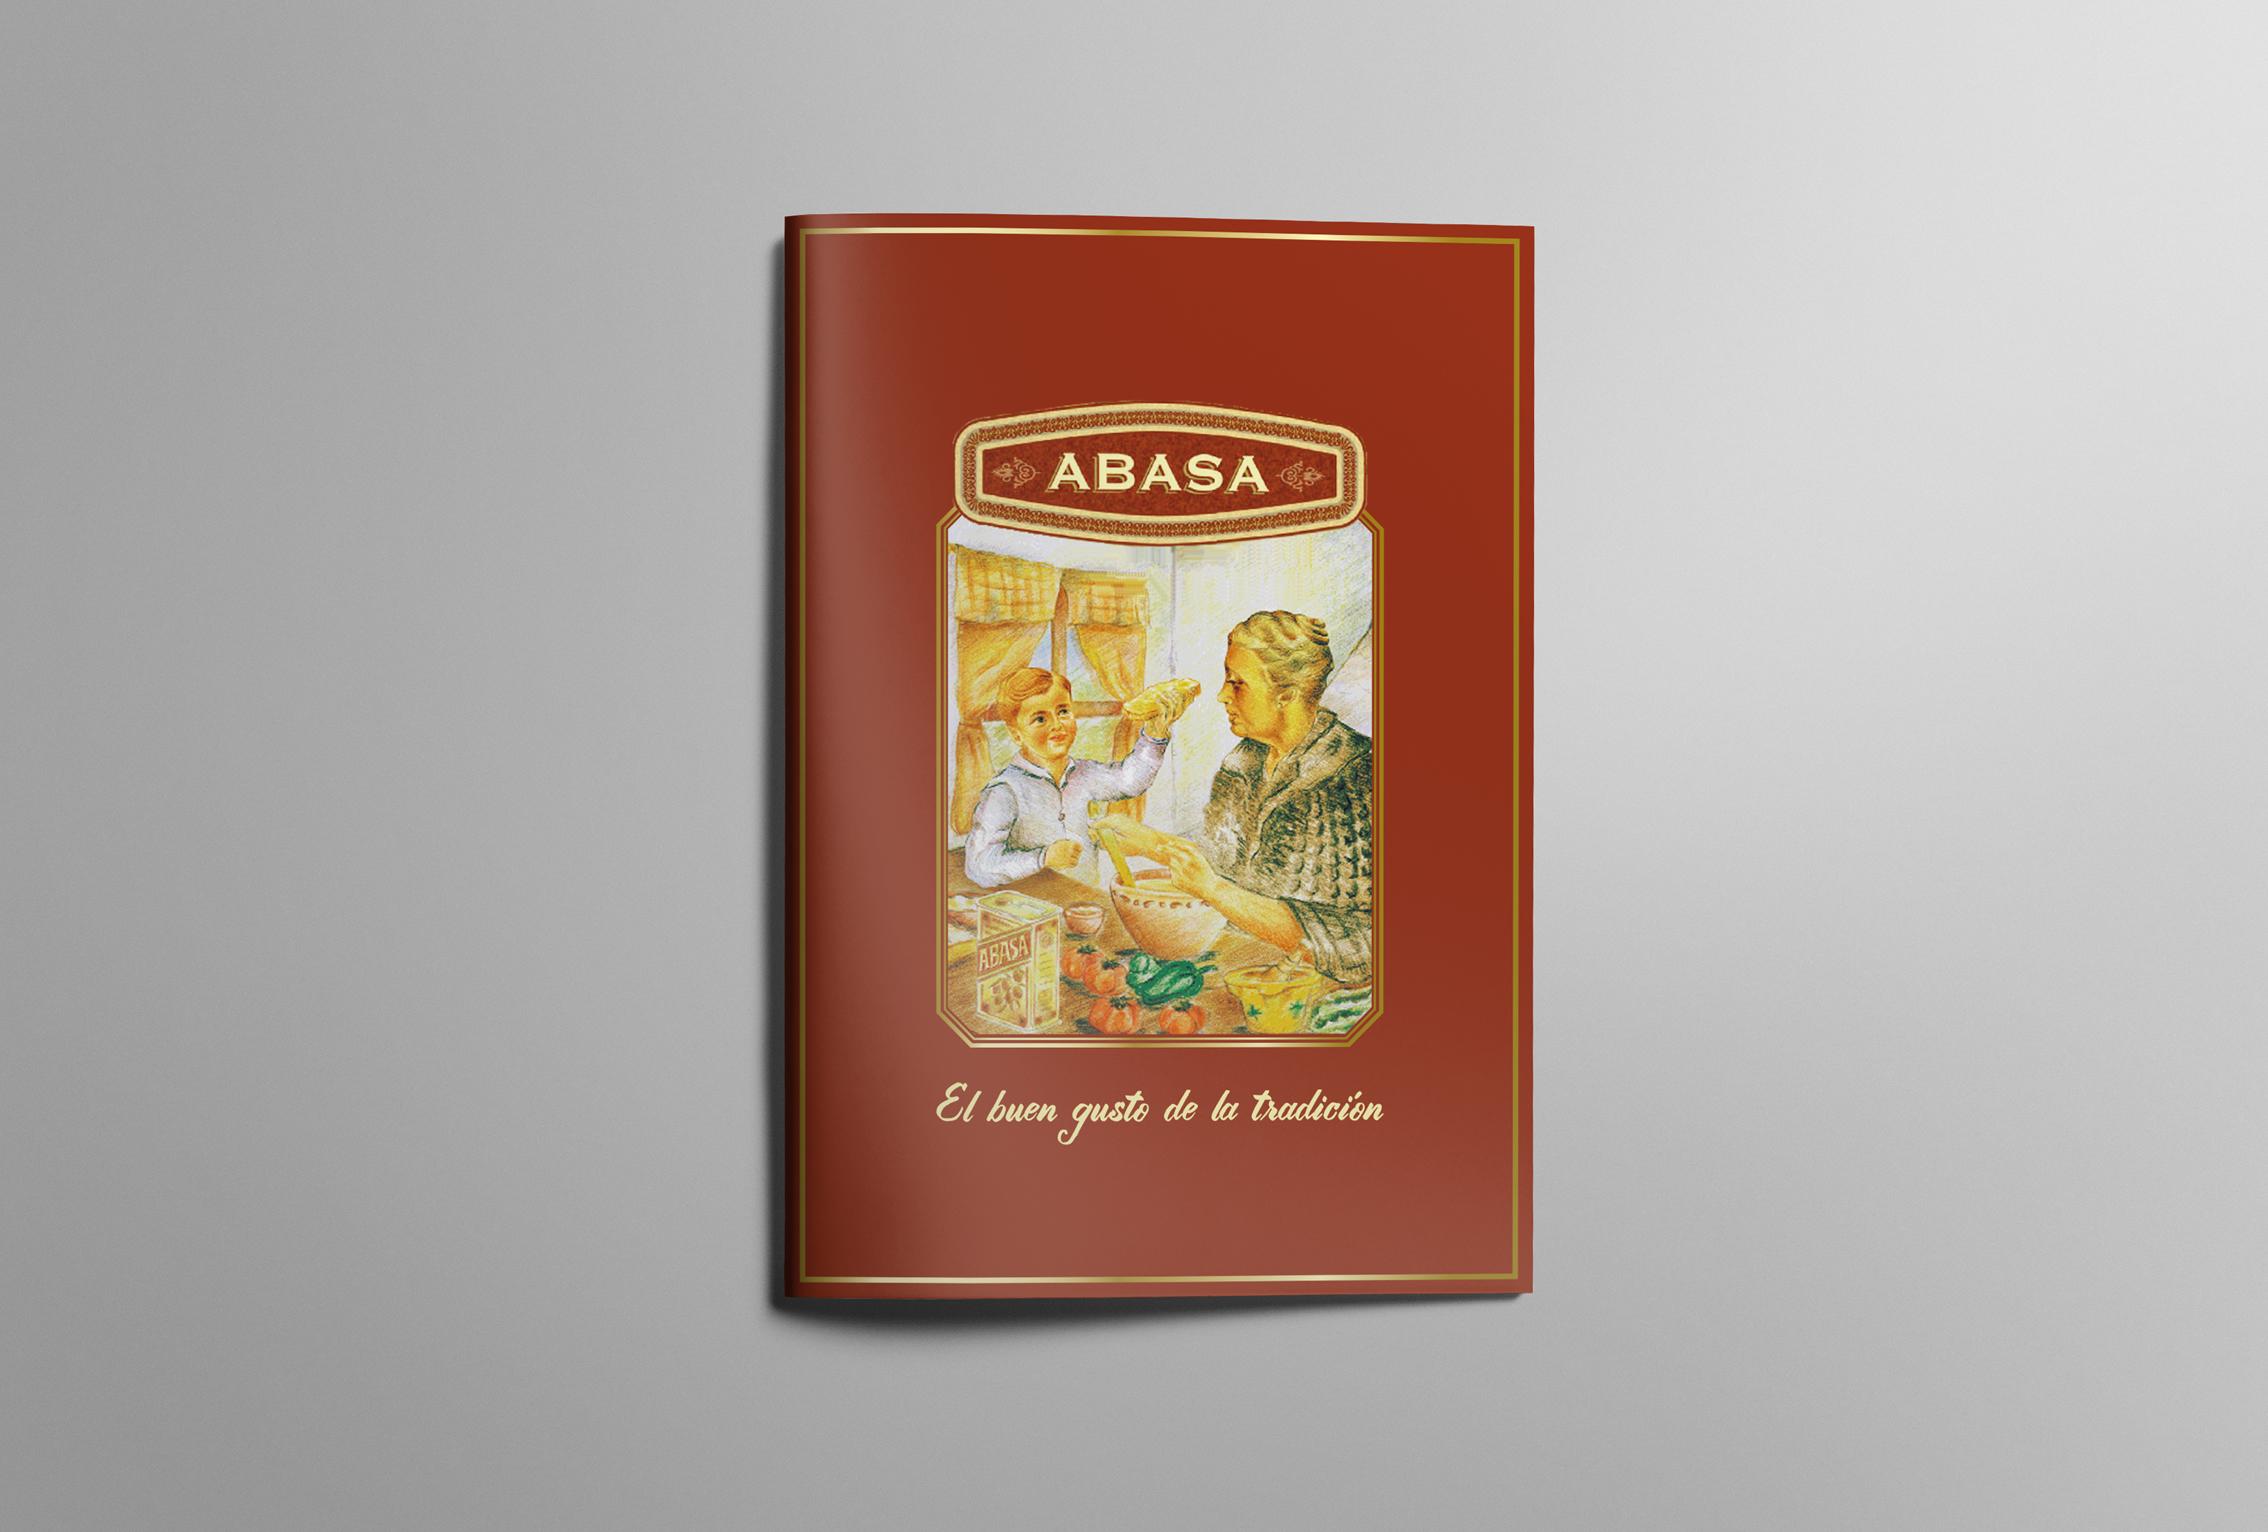 Aceites ABASA etichette olio - Portfolio Patrizio Rossi - Grafica - Patrizio Rossi Web and Graphic Designer - realizzazione sito web - brochure